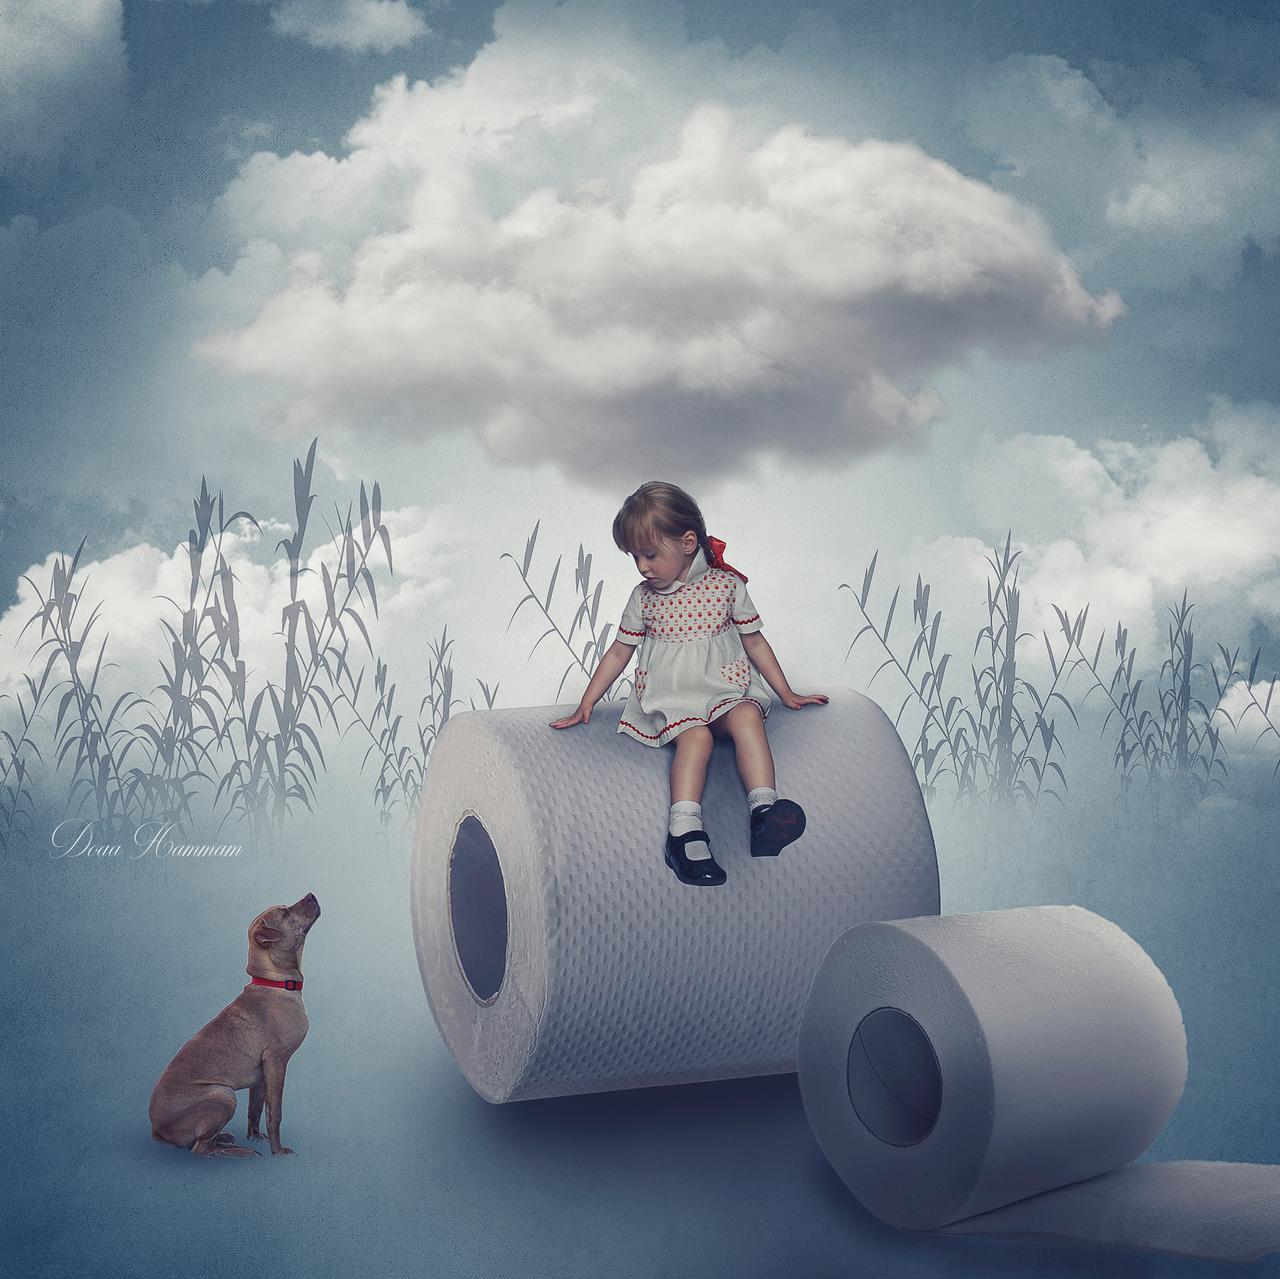 Фото Девочка сидит на рулоне бумаги и смотрит на собаку, by DoaaHammam